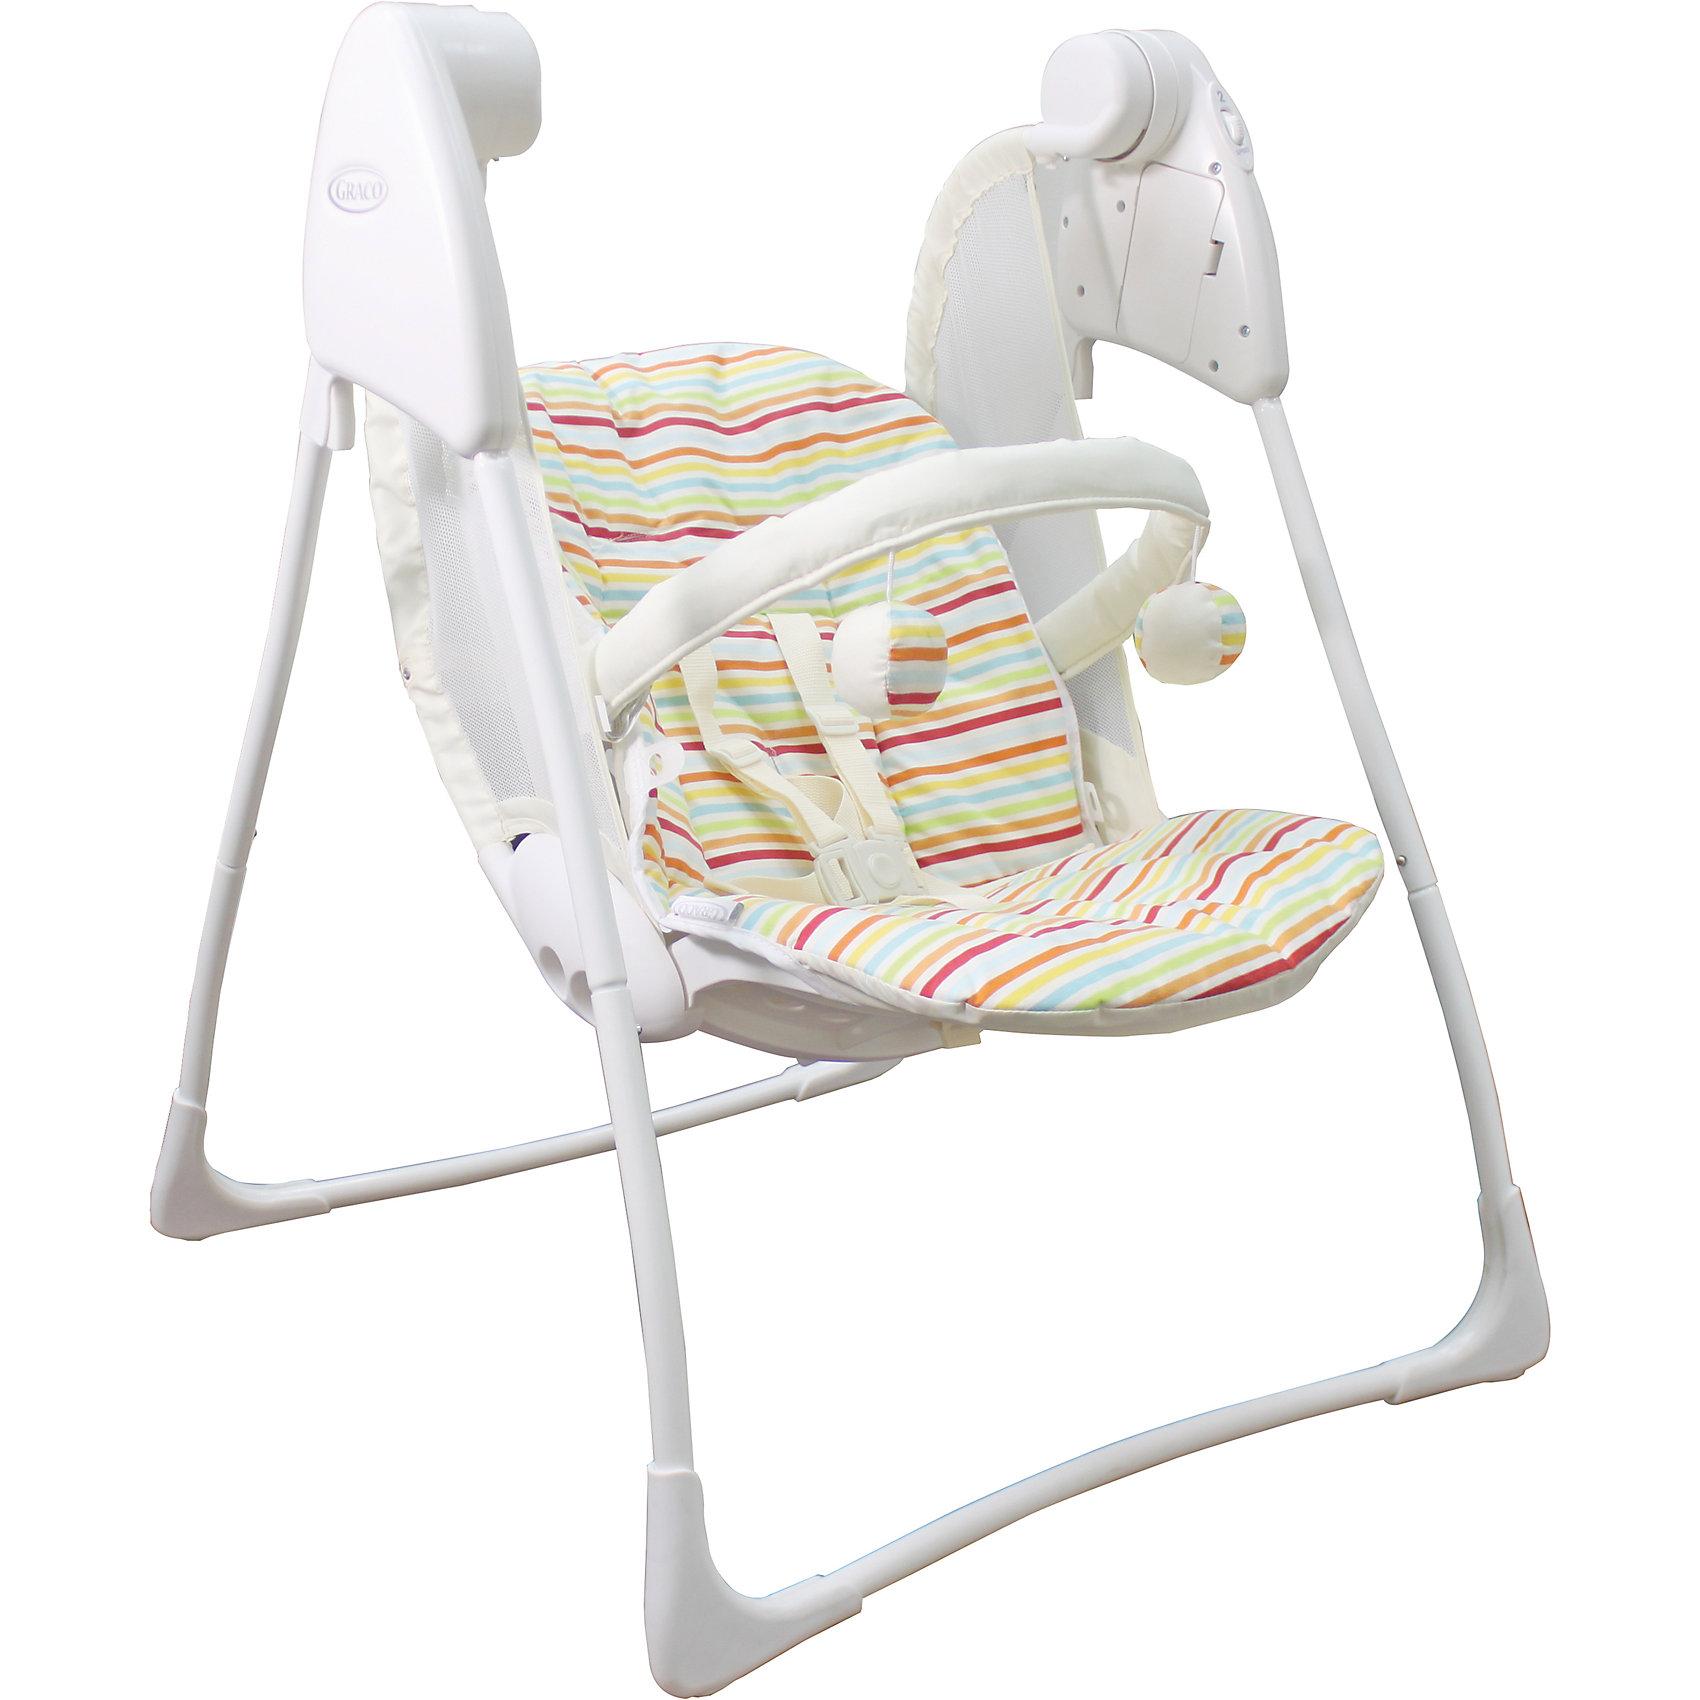 Качели Baby Deligth, Graco, Candy Stripe полоскиКачели электронные<br>Характеристики: <br><br>• электрокачели предназначены для детей весом до 9 кг;<br>• предусмотрено 3 положения наклона спинки;<br>• имеется 2 скорости качания;<br>• система 5-ти точечных ремней безопасности;<br>• на мягкой дуге подвешены развивающие игрушки;<br>• чехлы снимаются и стираются при температуре 30 градусов;<br>• качели компактно складываются;<br>• батарейки: 4 х C / LR14 1.5V (малые бочонки);<br>• батарейки приобретаются отдельно;<br>• размер: 87х64х105 см;<br>• размер в сложенном виде: 64х14х49 см;<br>• вес: 4,5 кг<br>• размер упаковки: 36х13х57 см;<br>• вес в упаковке: 5,5 кг.<br><br>Качели Baby Deligth, Graco, Candy Stripe полоски можно купить в нашем интернет-магазине.<br><br>Ширина мм: 630<br>Глубина мм: 600<br>Высота мм: 820<br>Вес г: 5500<br>Цвет: разноцветный<br>Возраст от месяцев: 0<br>Возраст до месяцев: 12<br>Пол: Унисекс<br>Возраст: Детский<br>SKU: 6757373